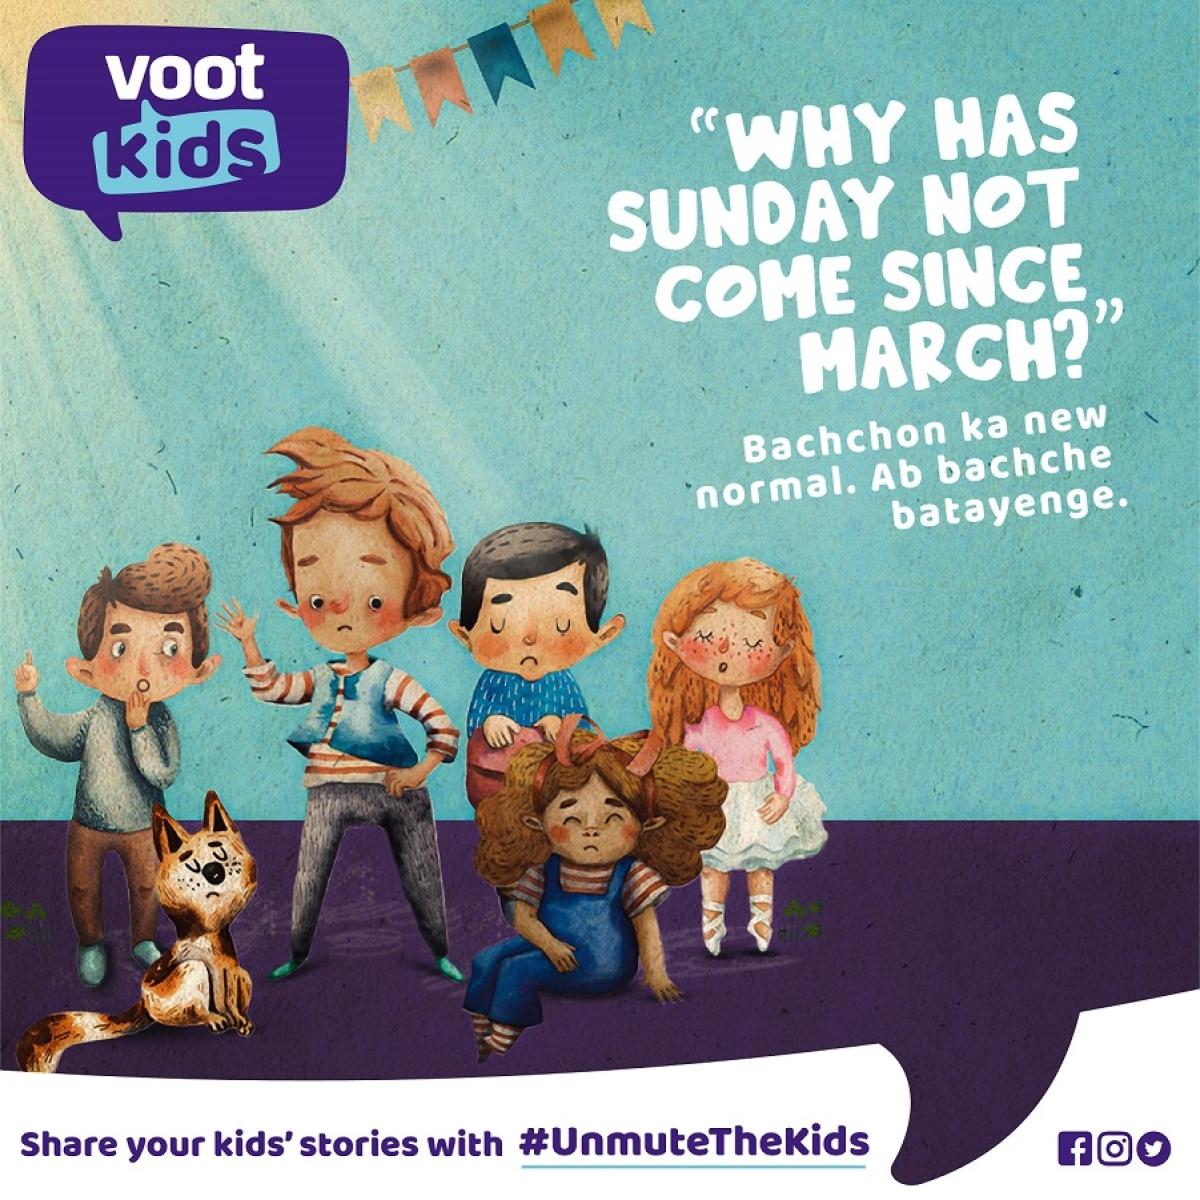 This Children's Day #UnmutetheKids, says Voot Kids